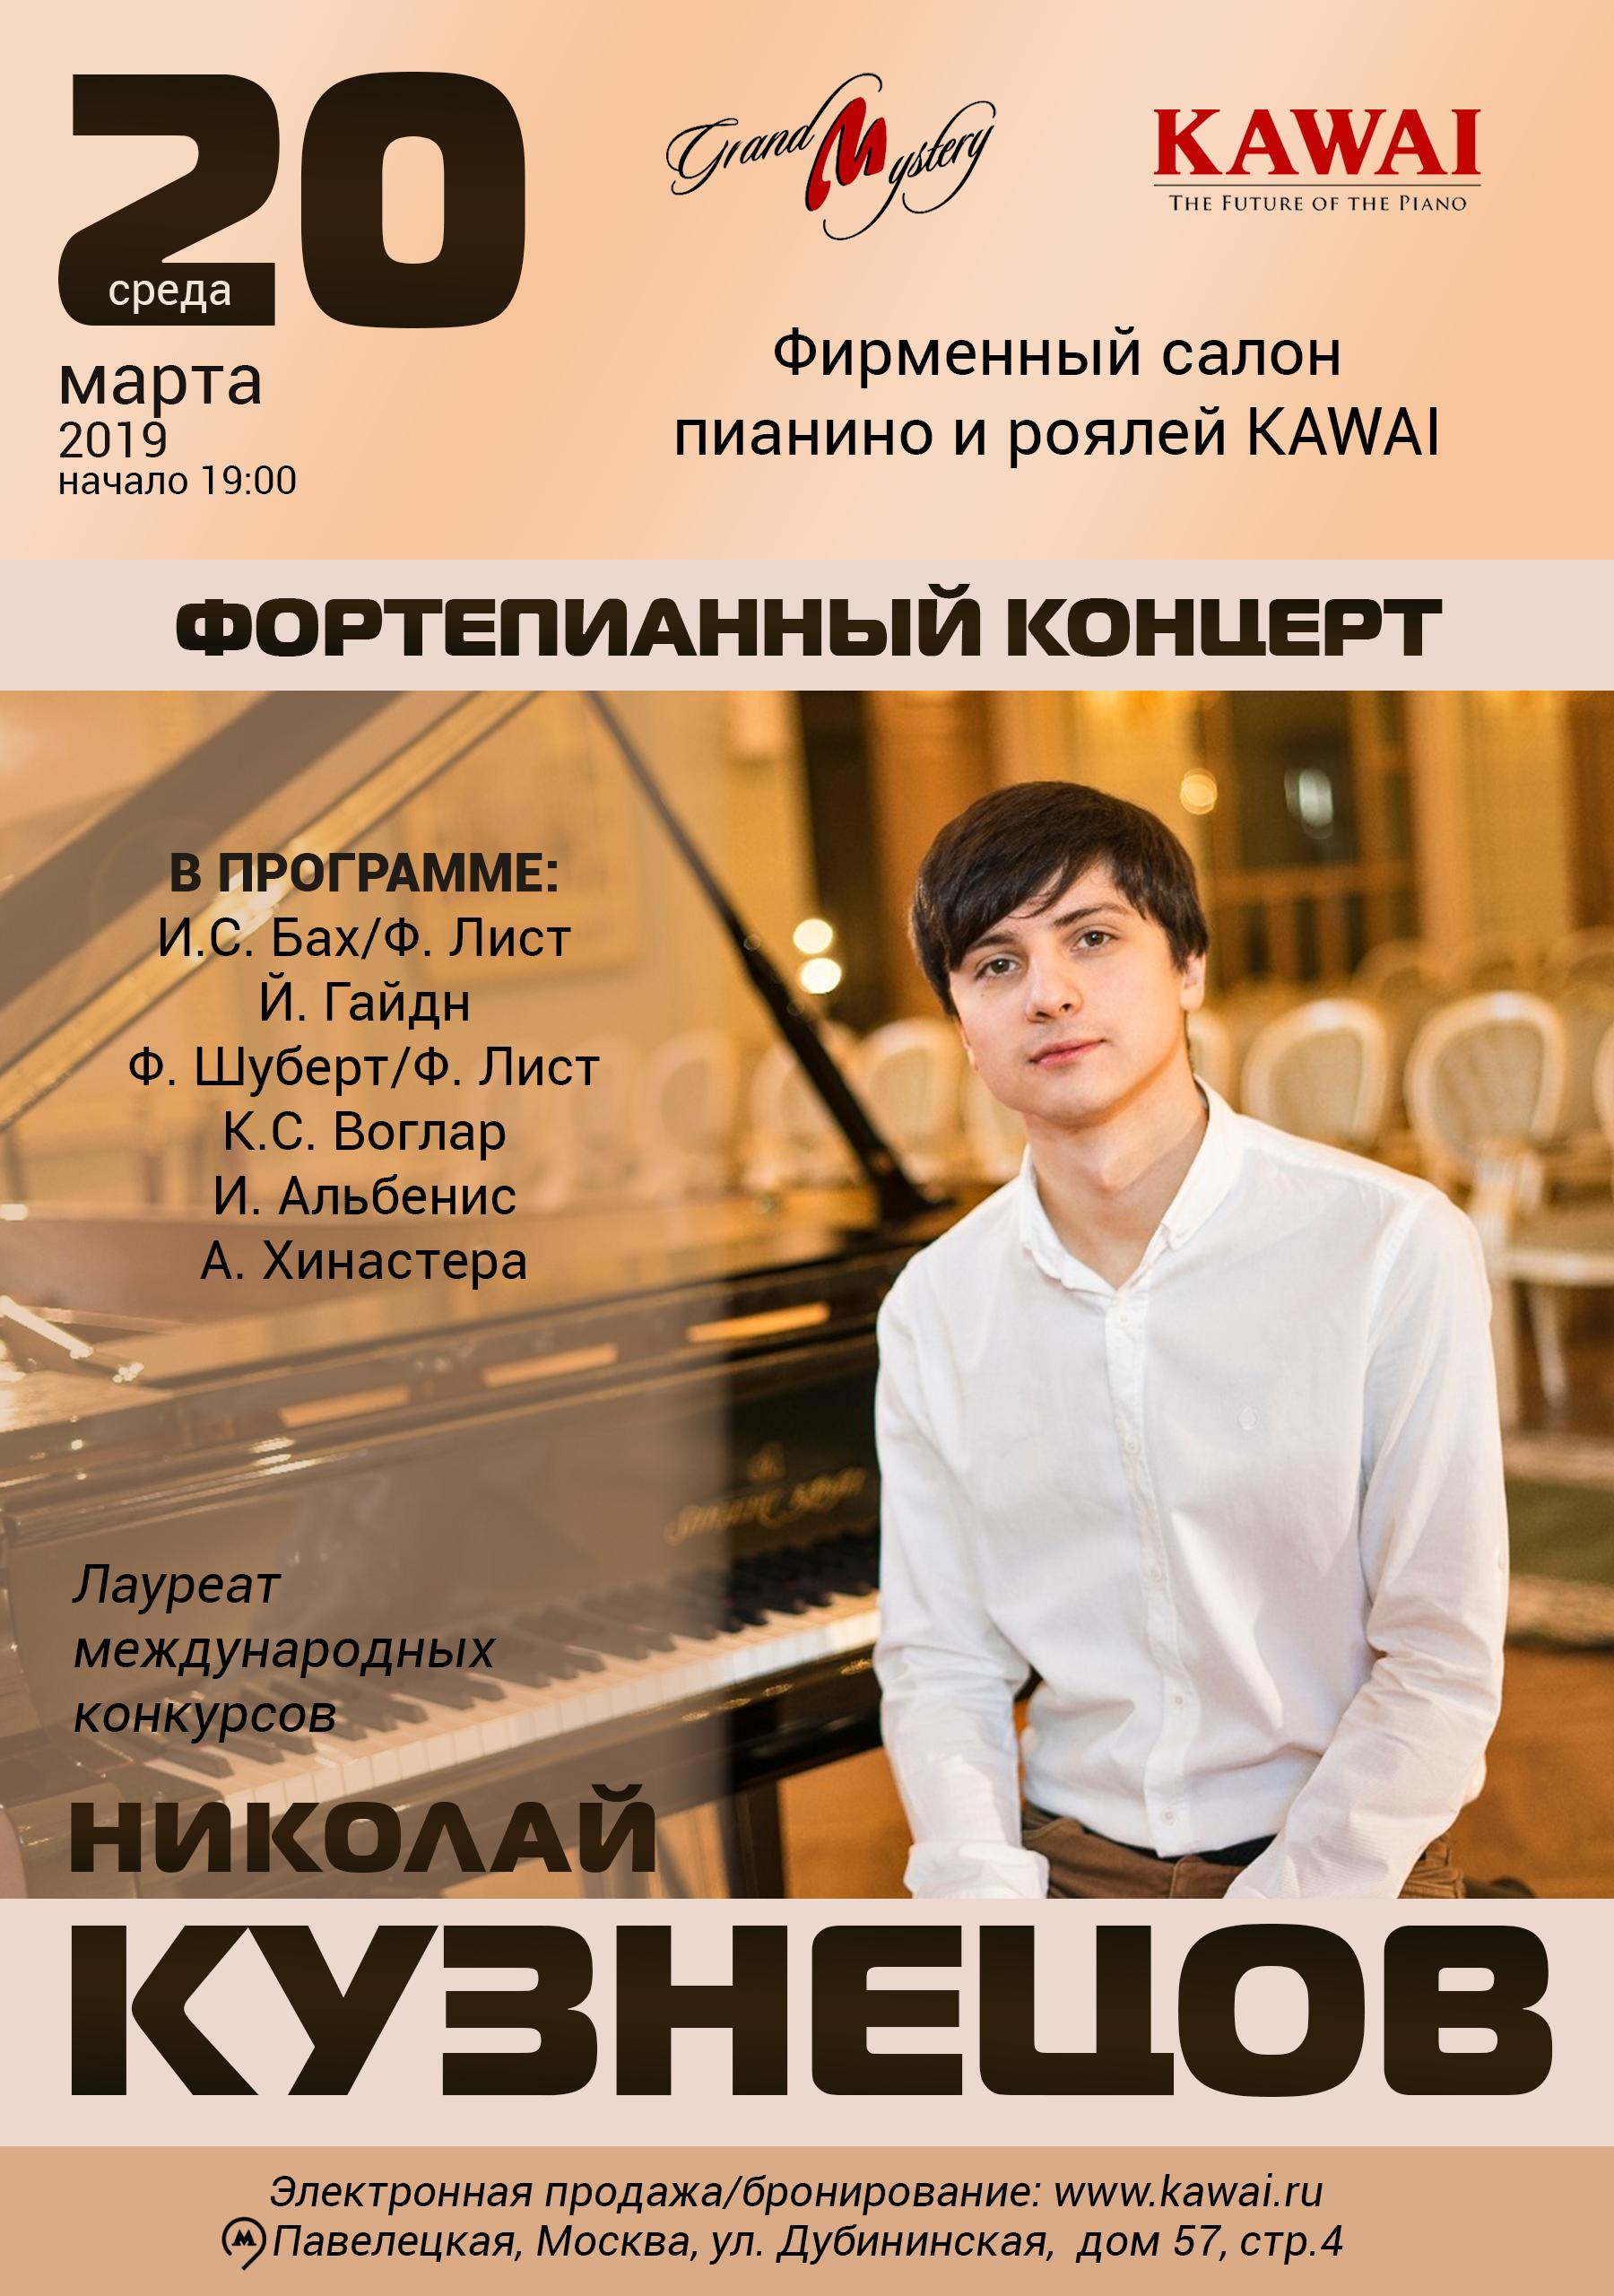 Фортепианный вечер Николая Кузнецова